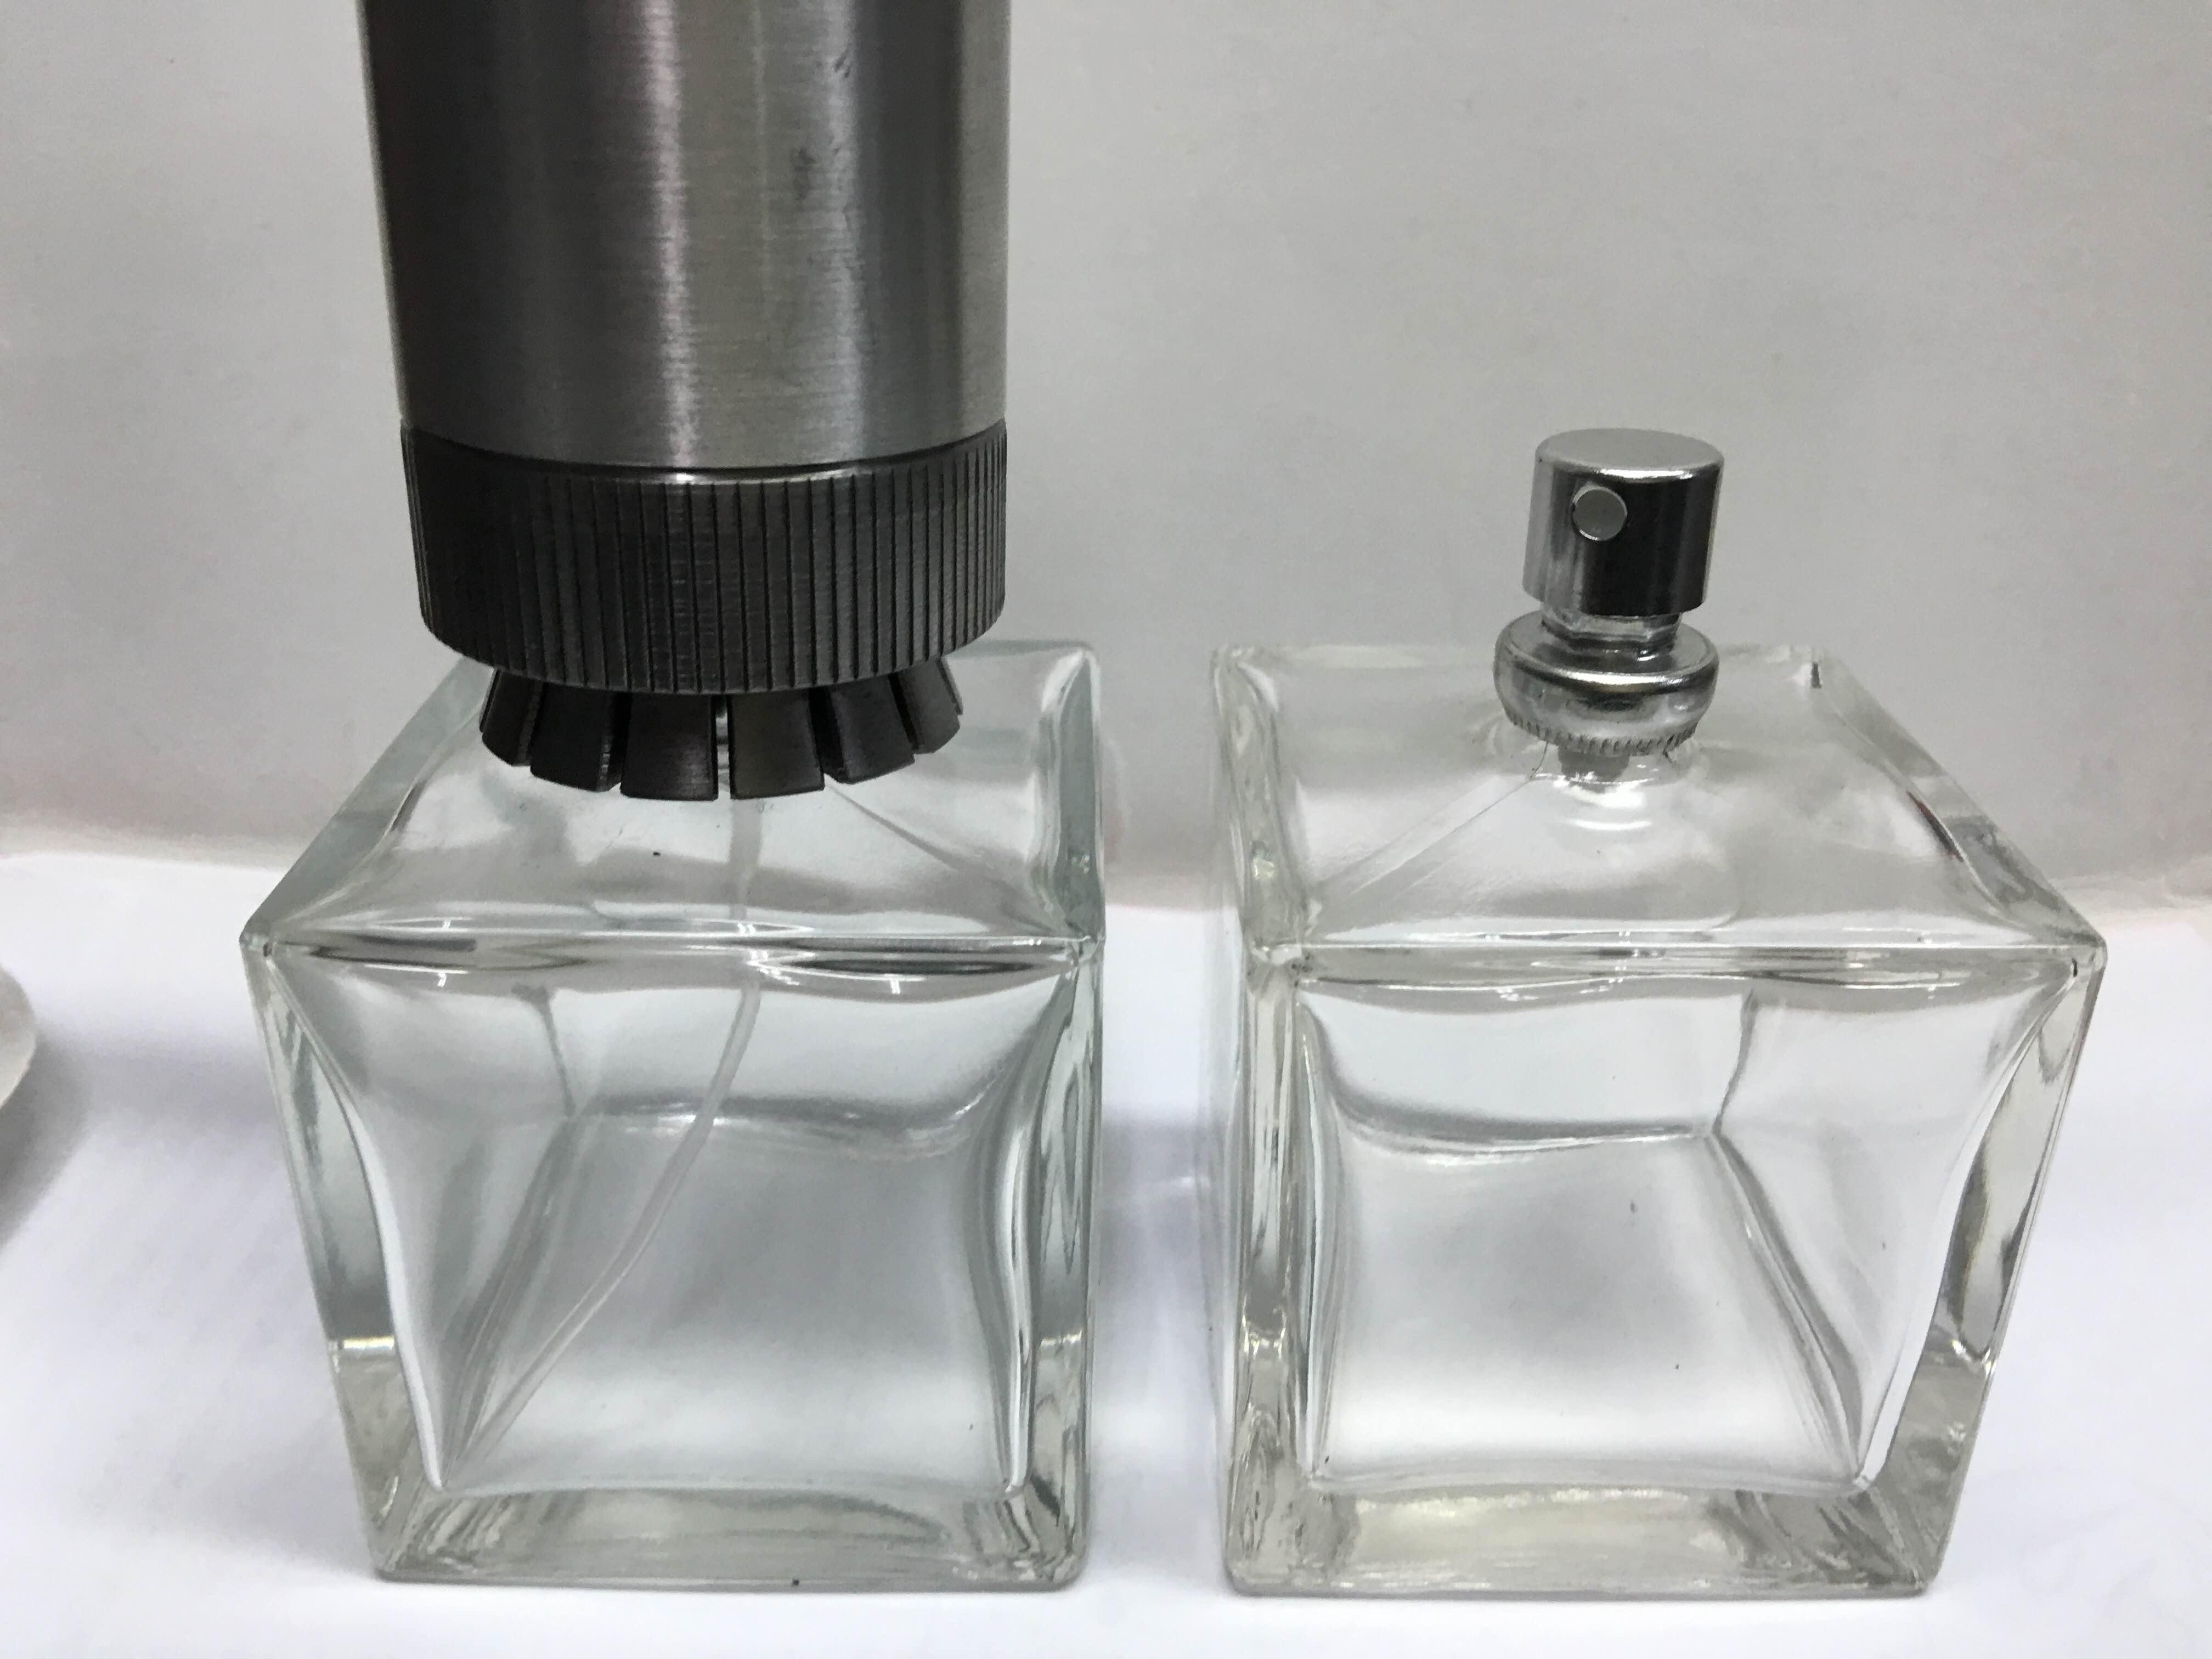 Grafadora de perfumes en Murcia, Grafadora manual para perfumes en Murcia